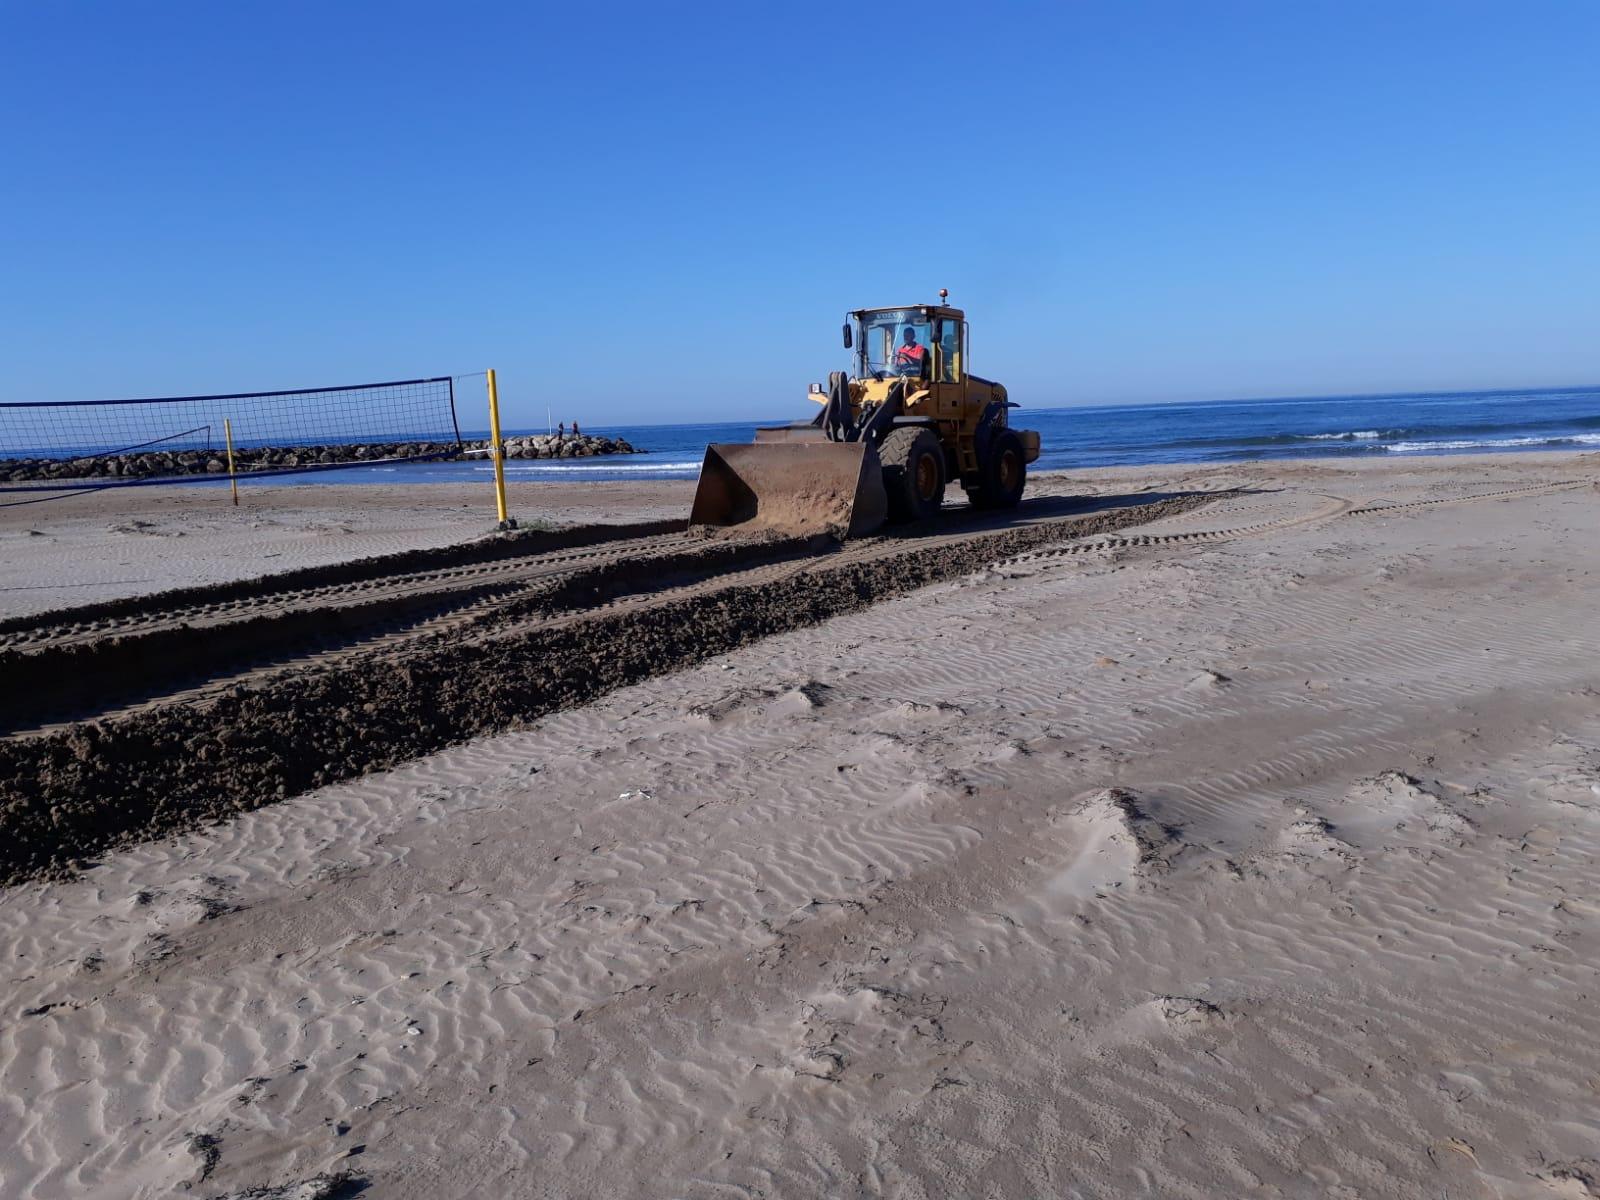 L'ajuntament prioritzarà la seguretat a l'hora de gaudir de les platges